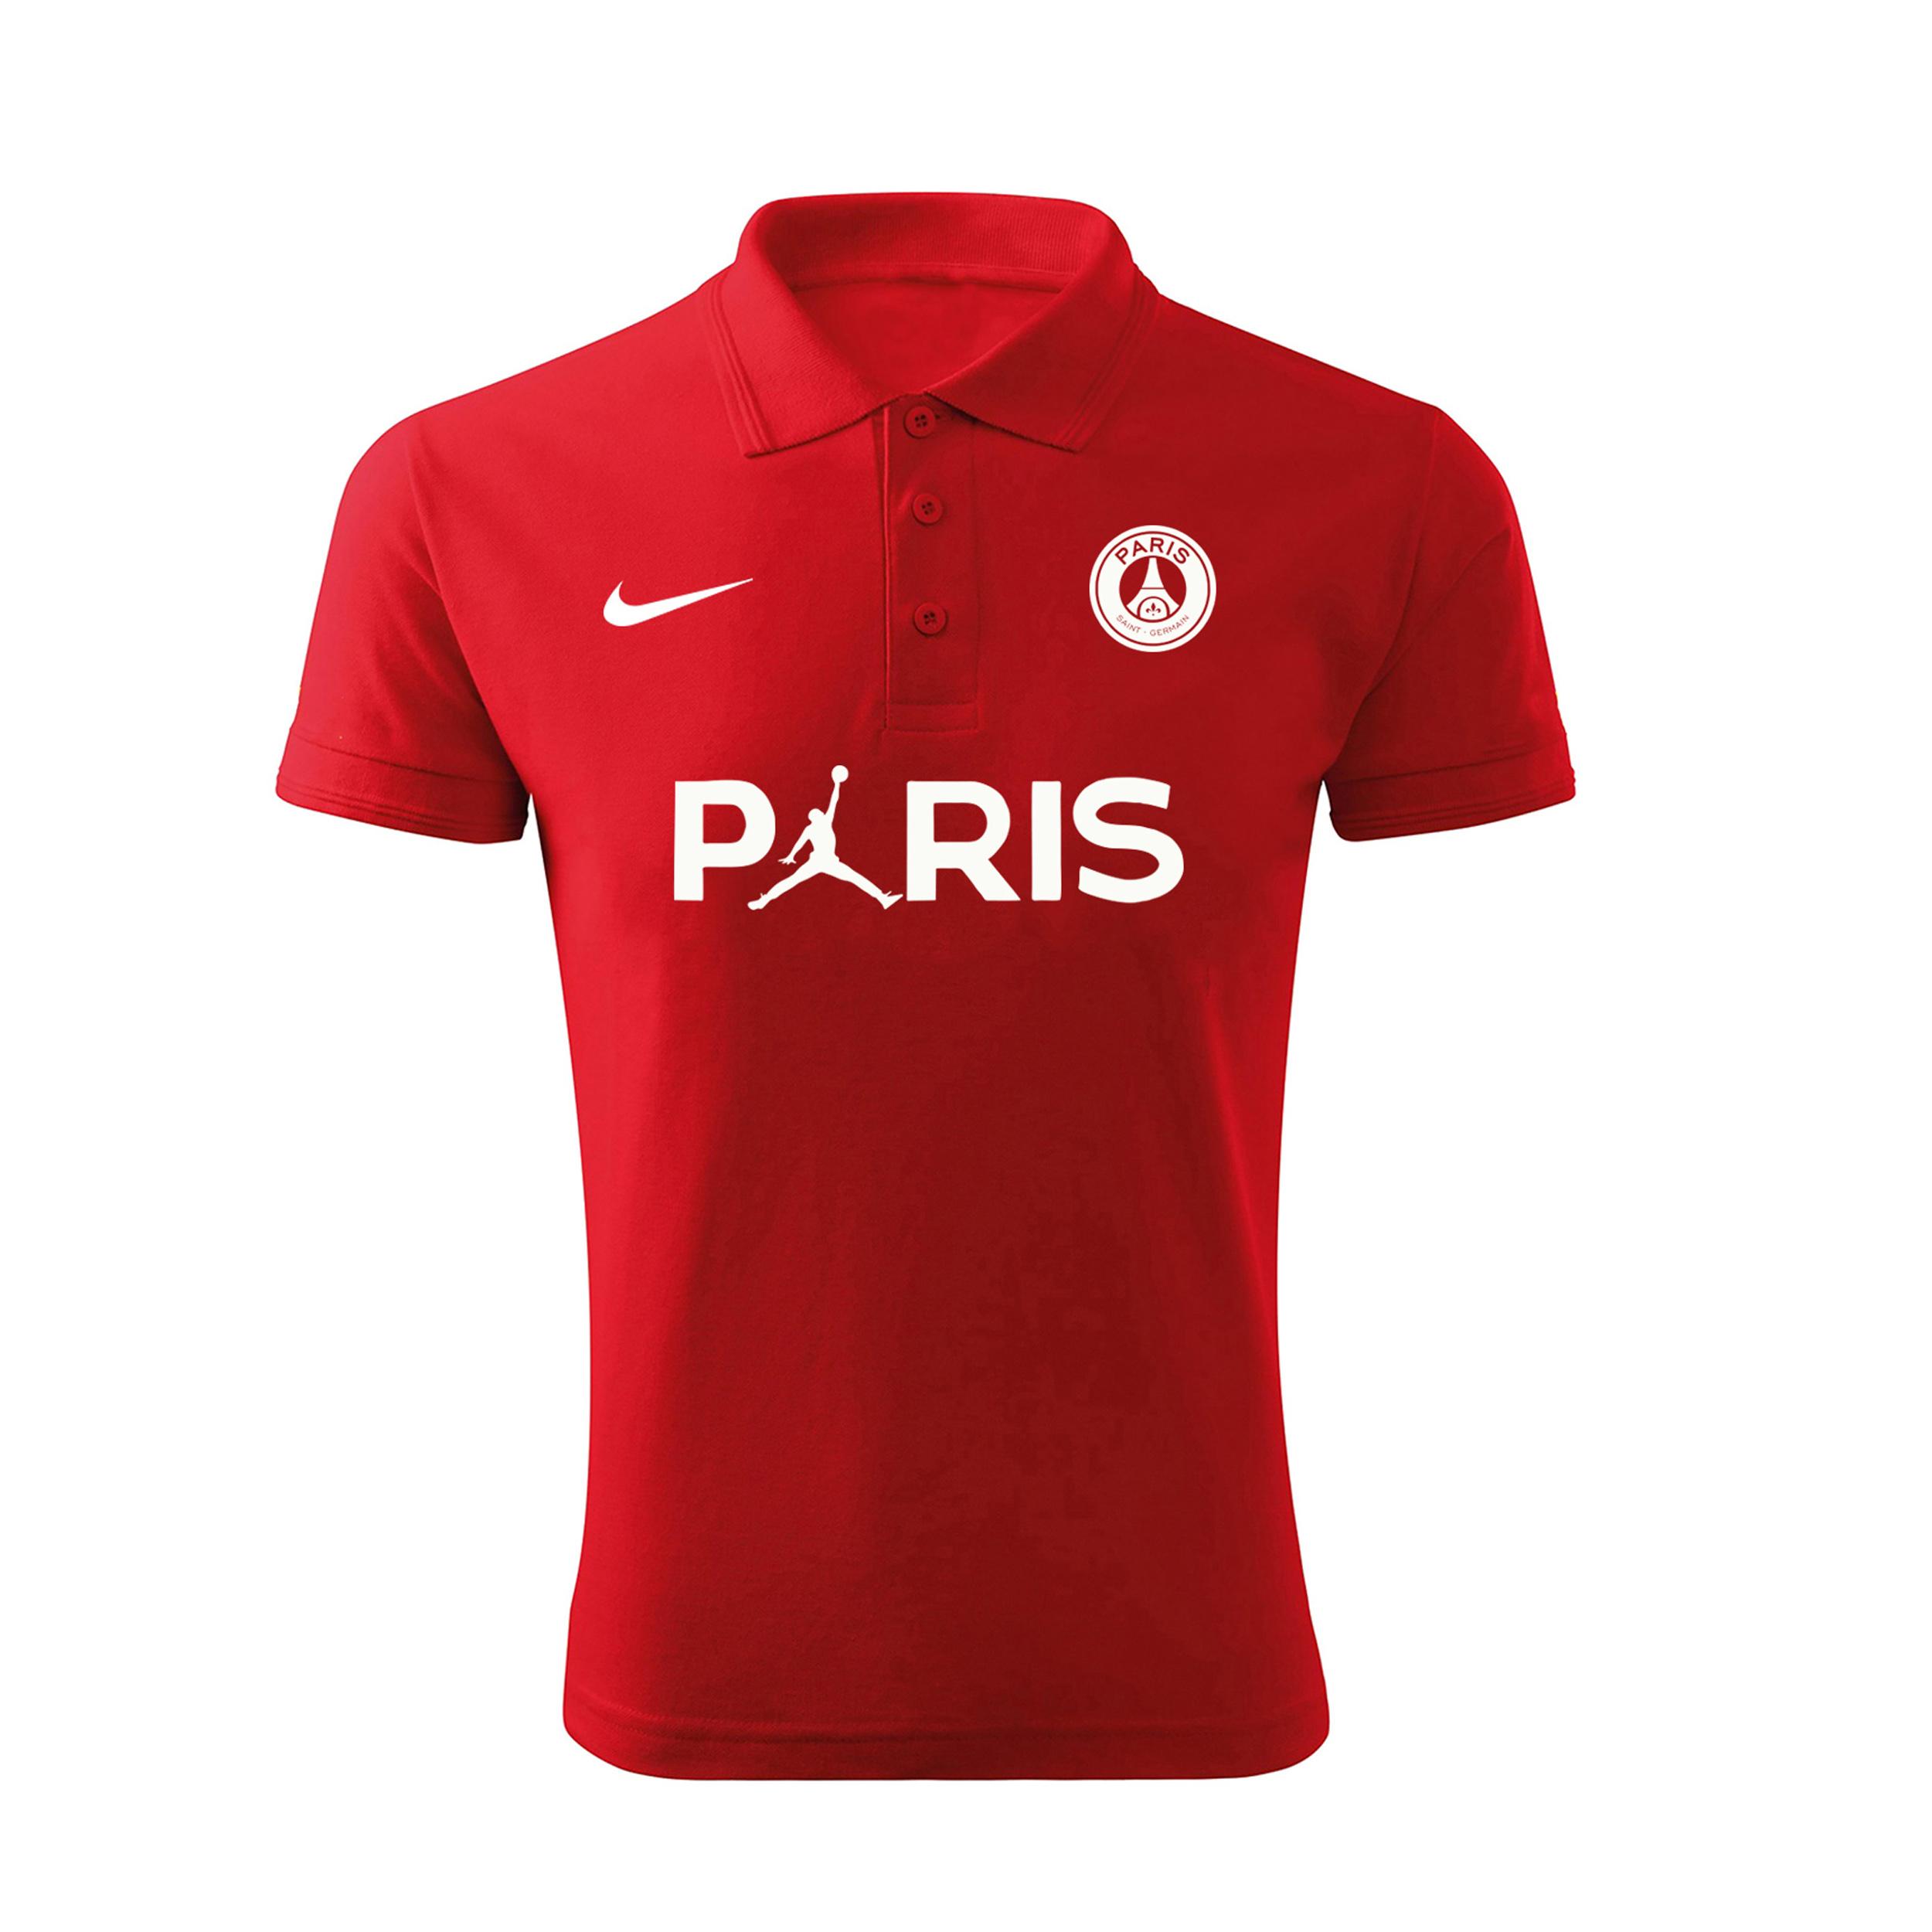 پولوشرت ورزشی مردانه مدل پاریس 5432 رنگ قرمز                     غیر اصل